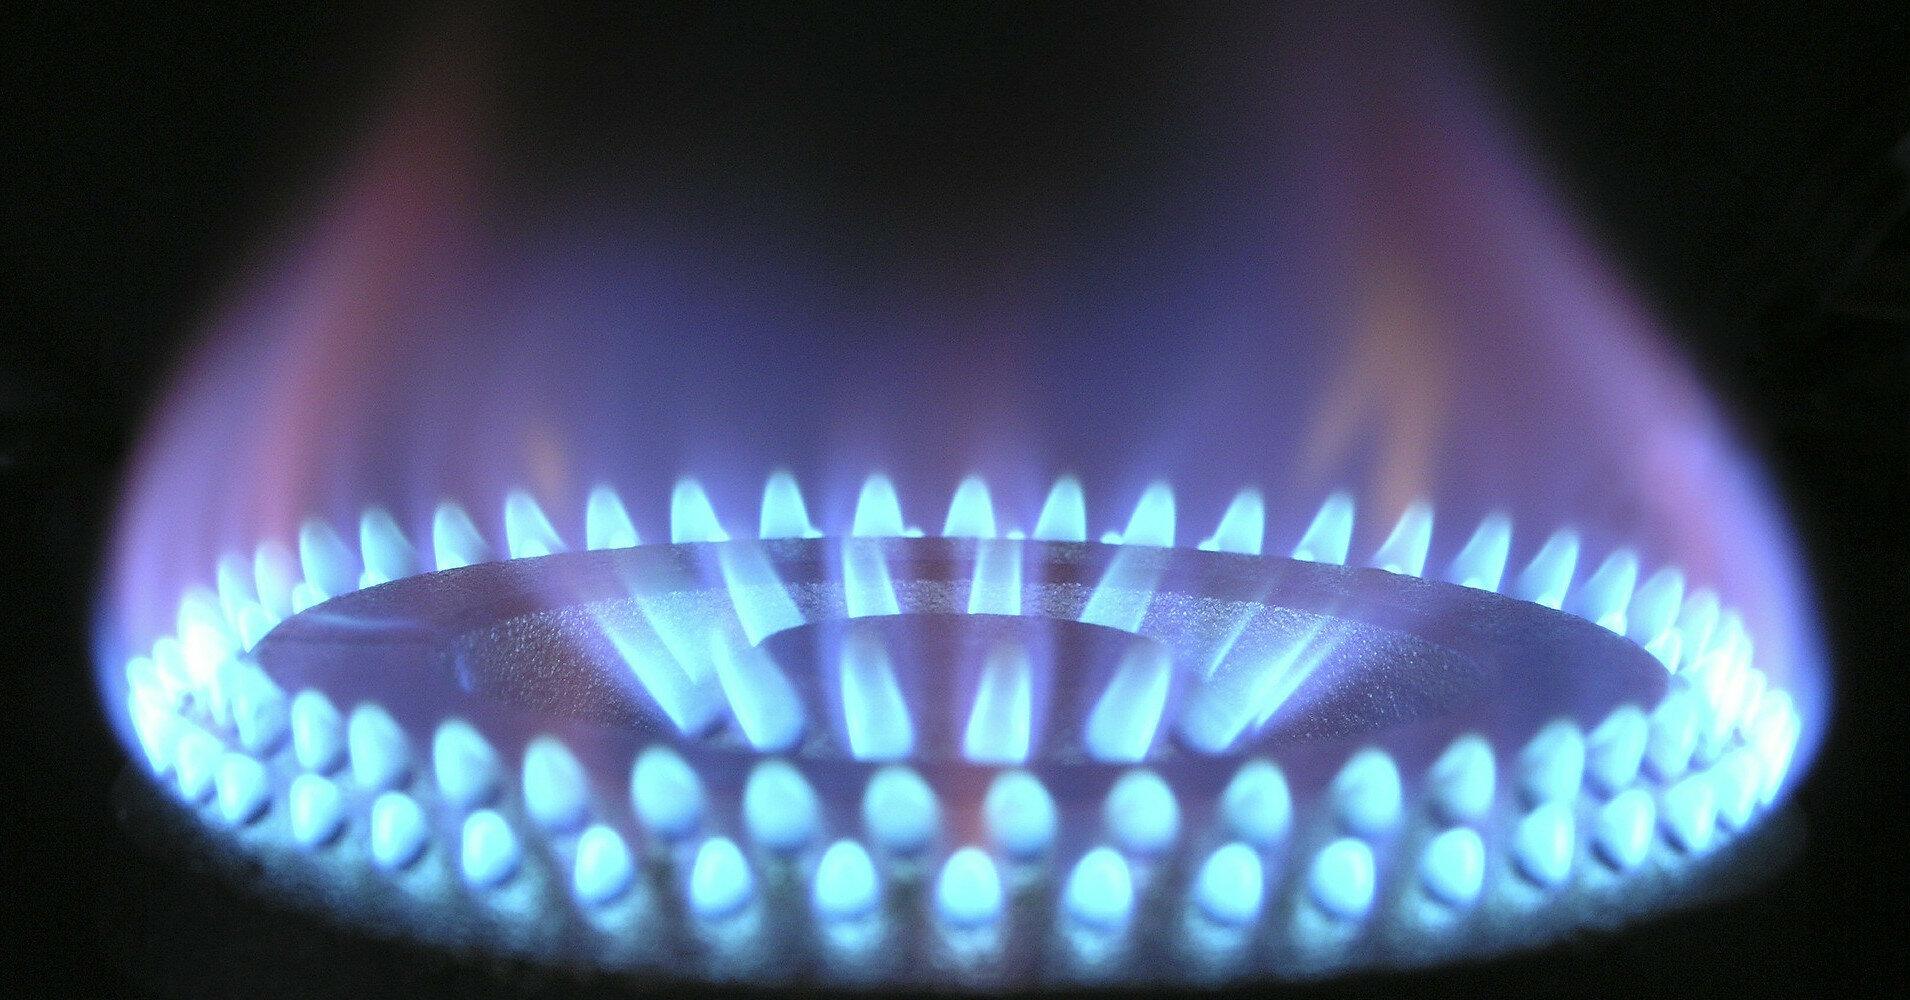 Цена на газ в Европе бьет рекорды. Подорожает ли коммуналка